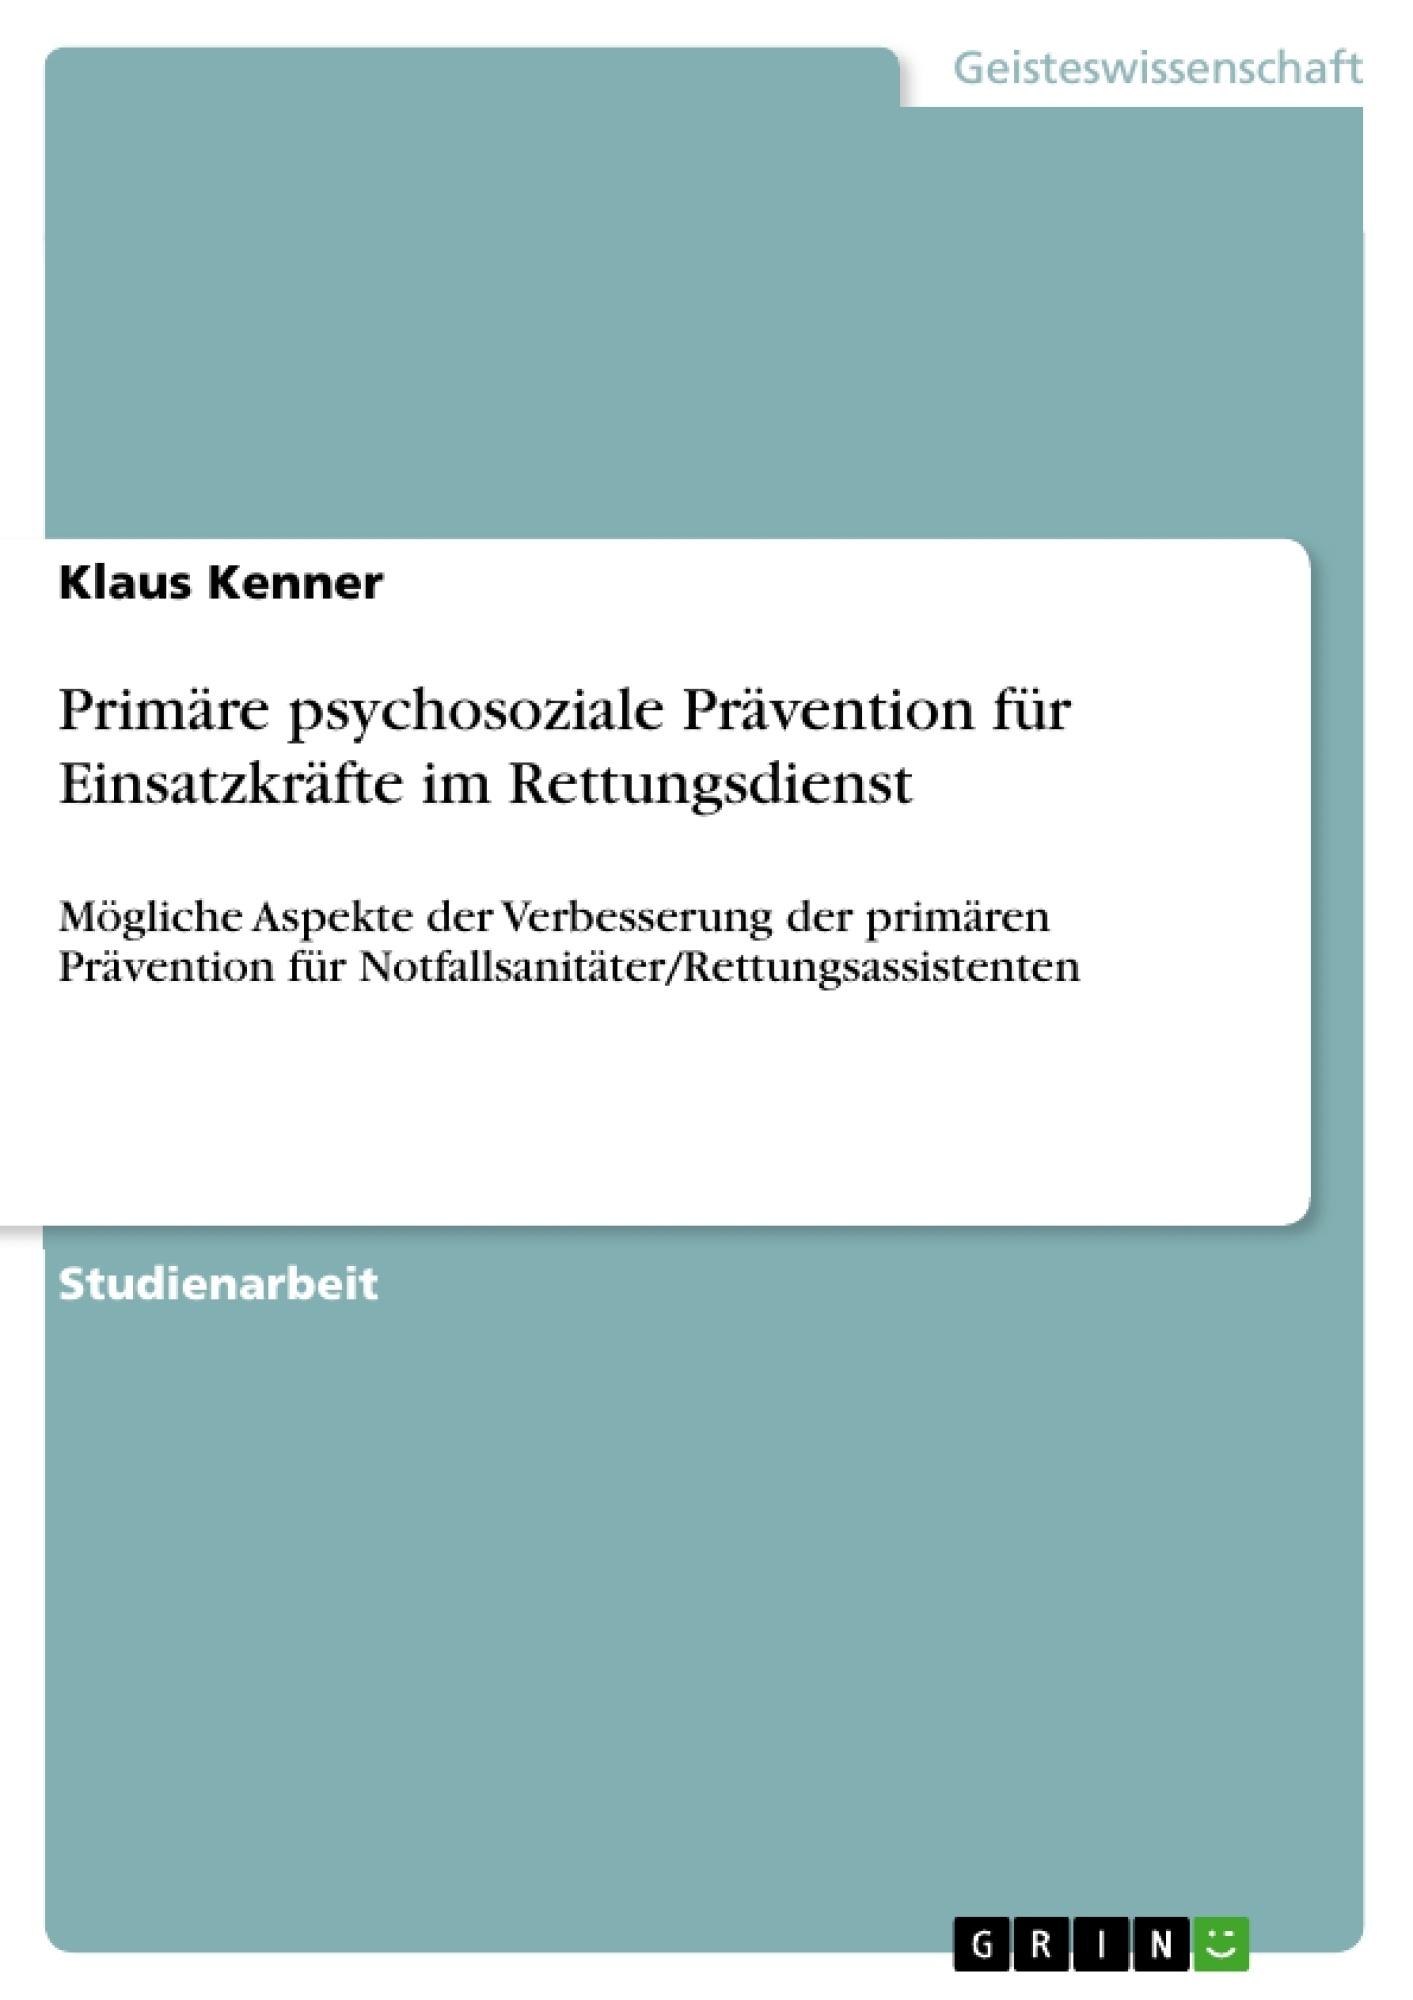 Titel: Primäre psychosoziale Prävention für Einsatzkräfte im Rettungsdienst